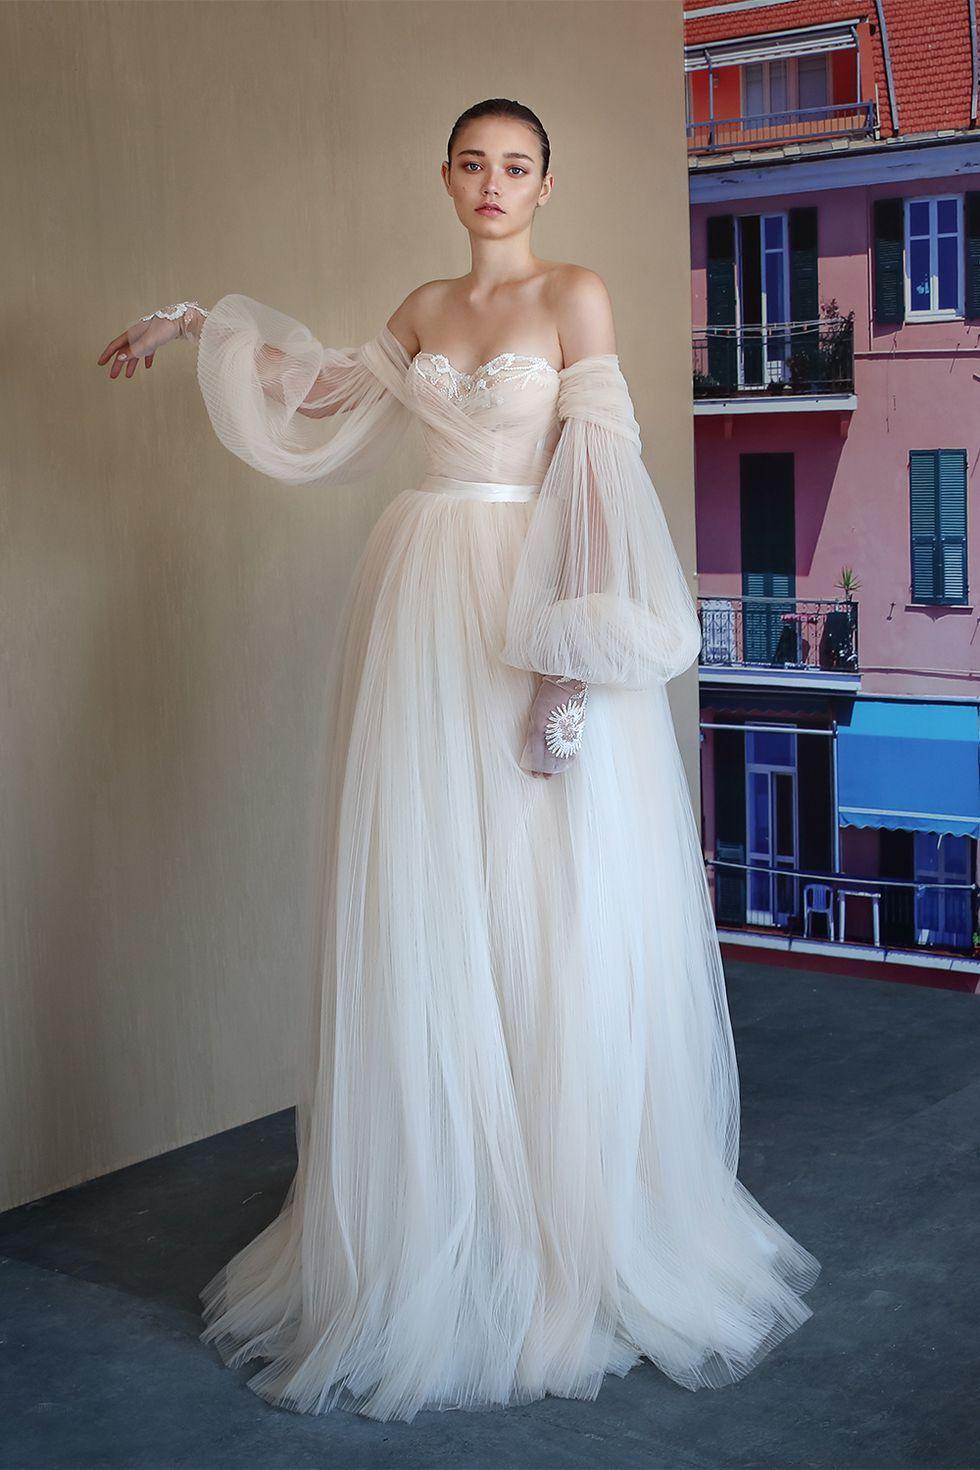 Thiết kế váy cưới với phần vai trễ, tay bồng với phần thắt ở cổ tay của nhà mốt Galia Lahav trong bộ sưu tập váy cưới mùa Thu năm 2019.